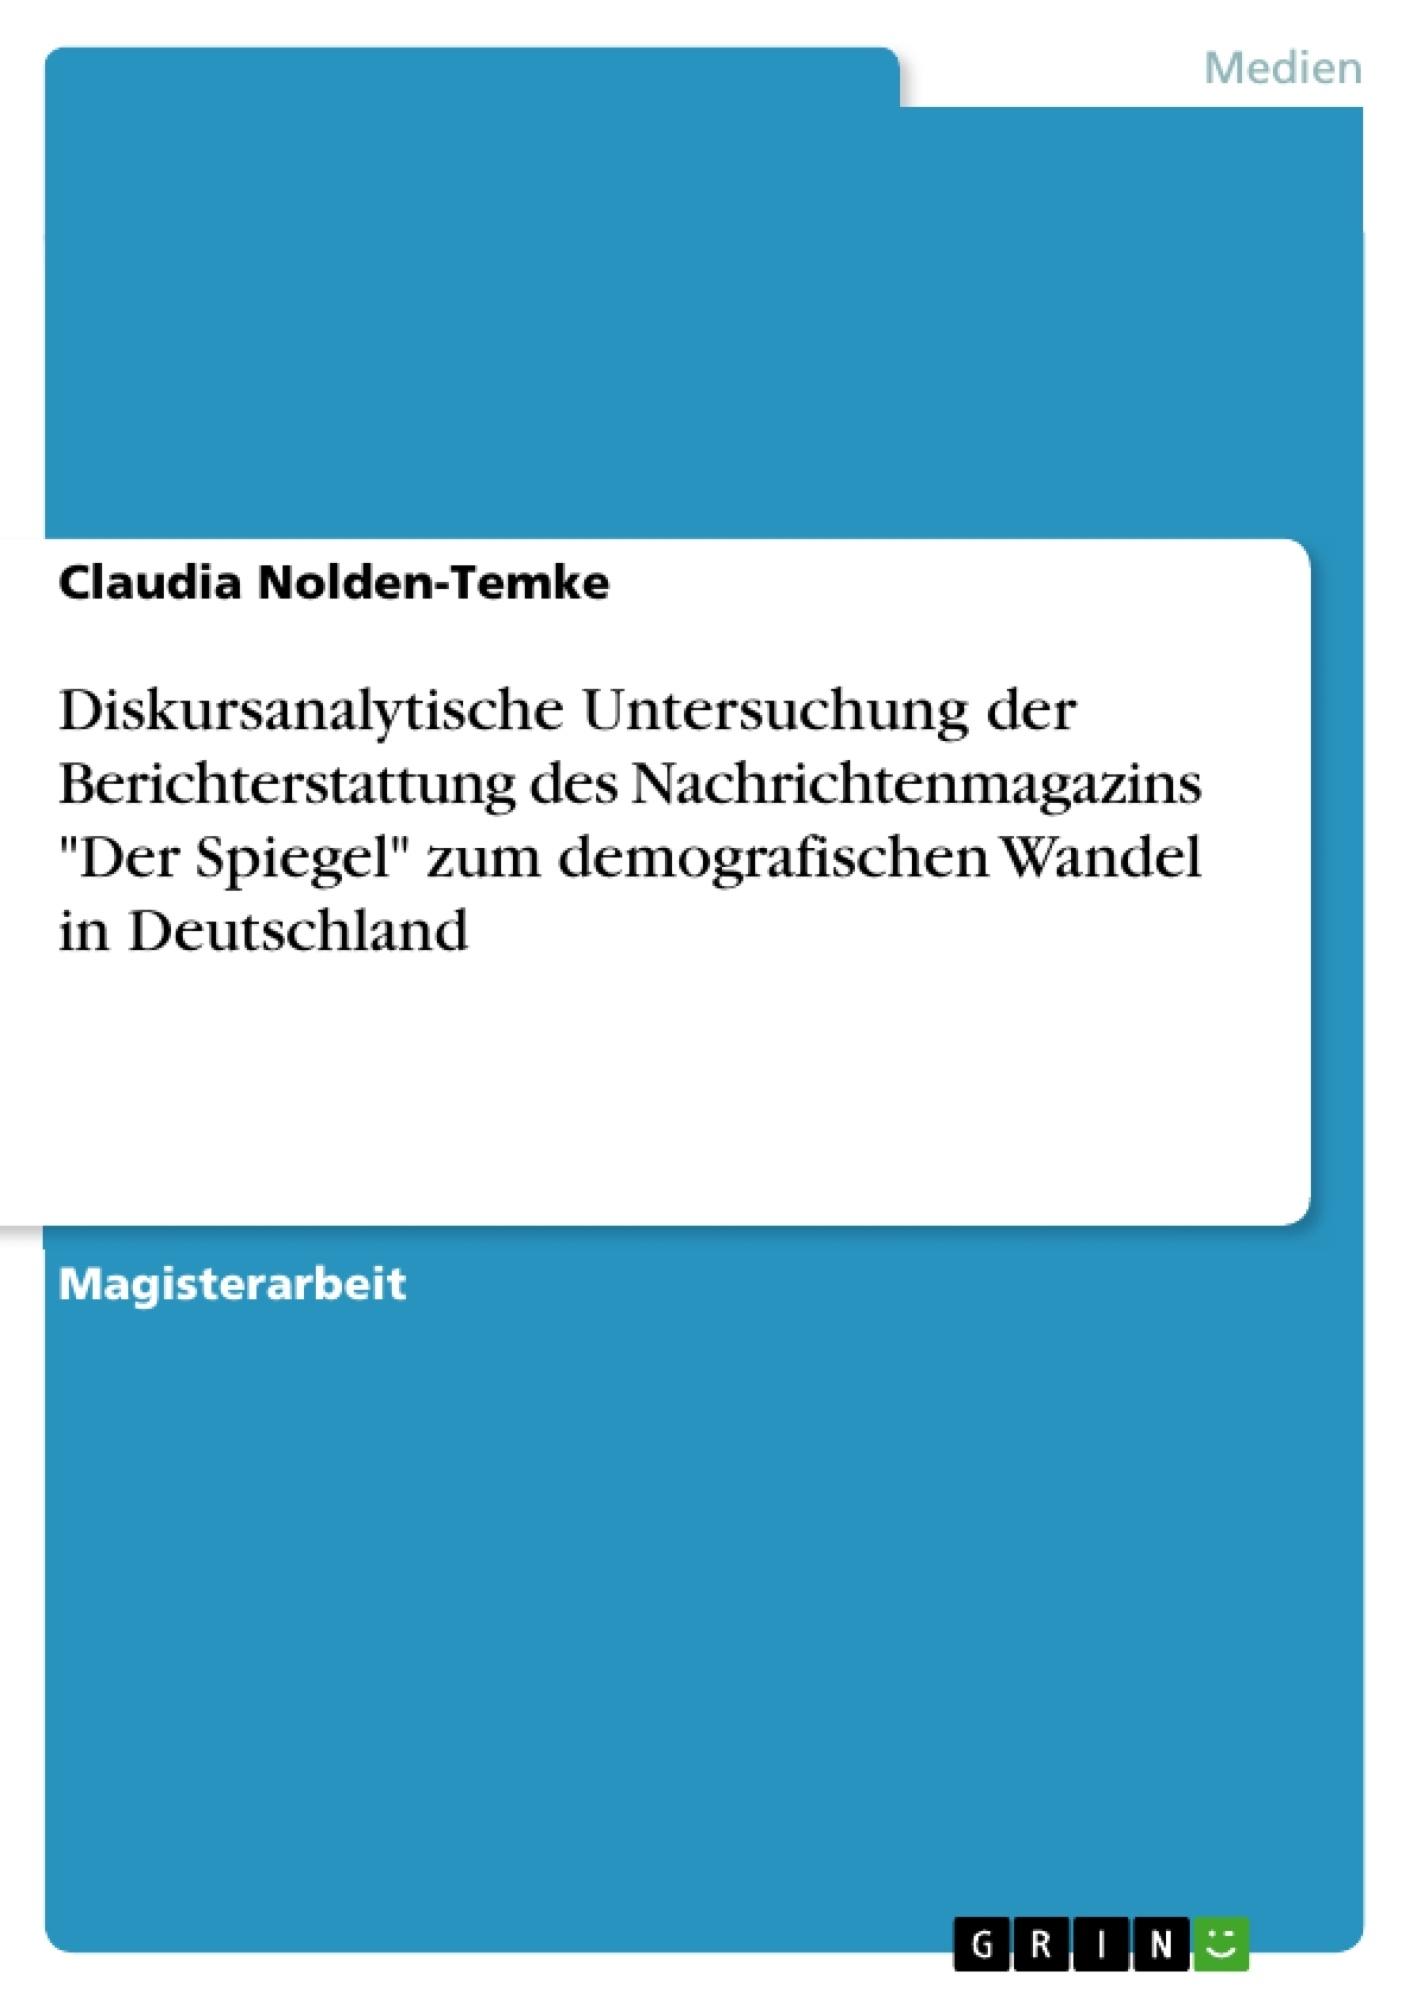 """Titel: Diskursanalytische Untersuchung der Berichterstattung des Nachrichtenmagazins """"Der Spiegel"""" zum demografischen Wandel in Deutschland"""